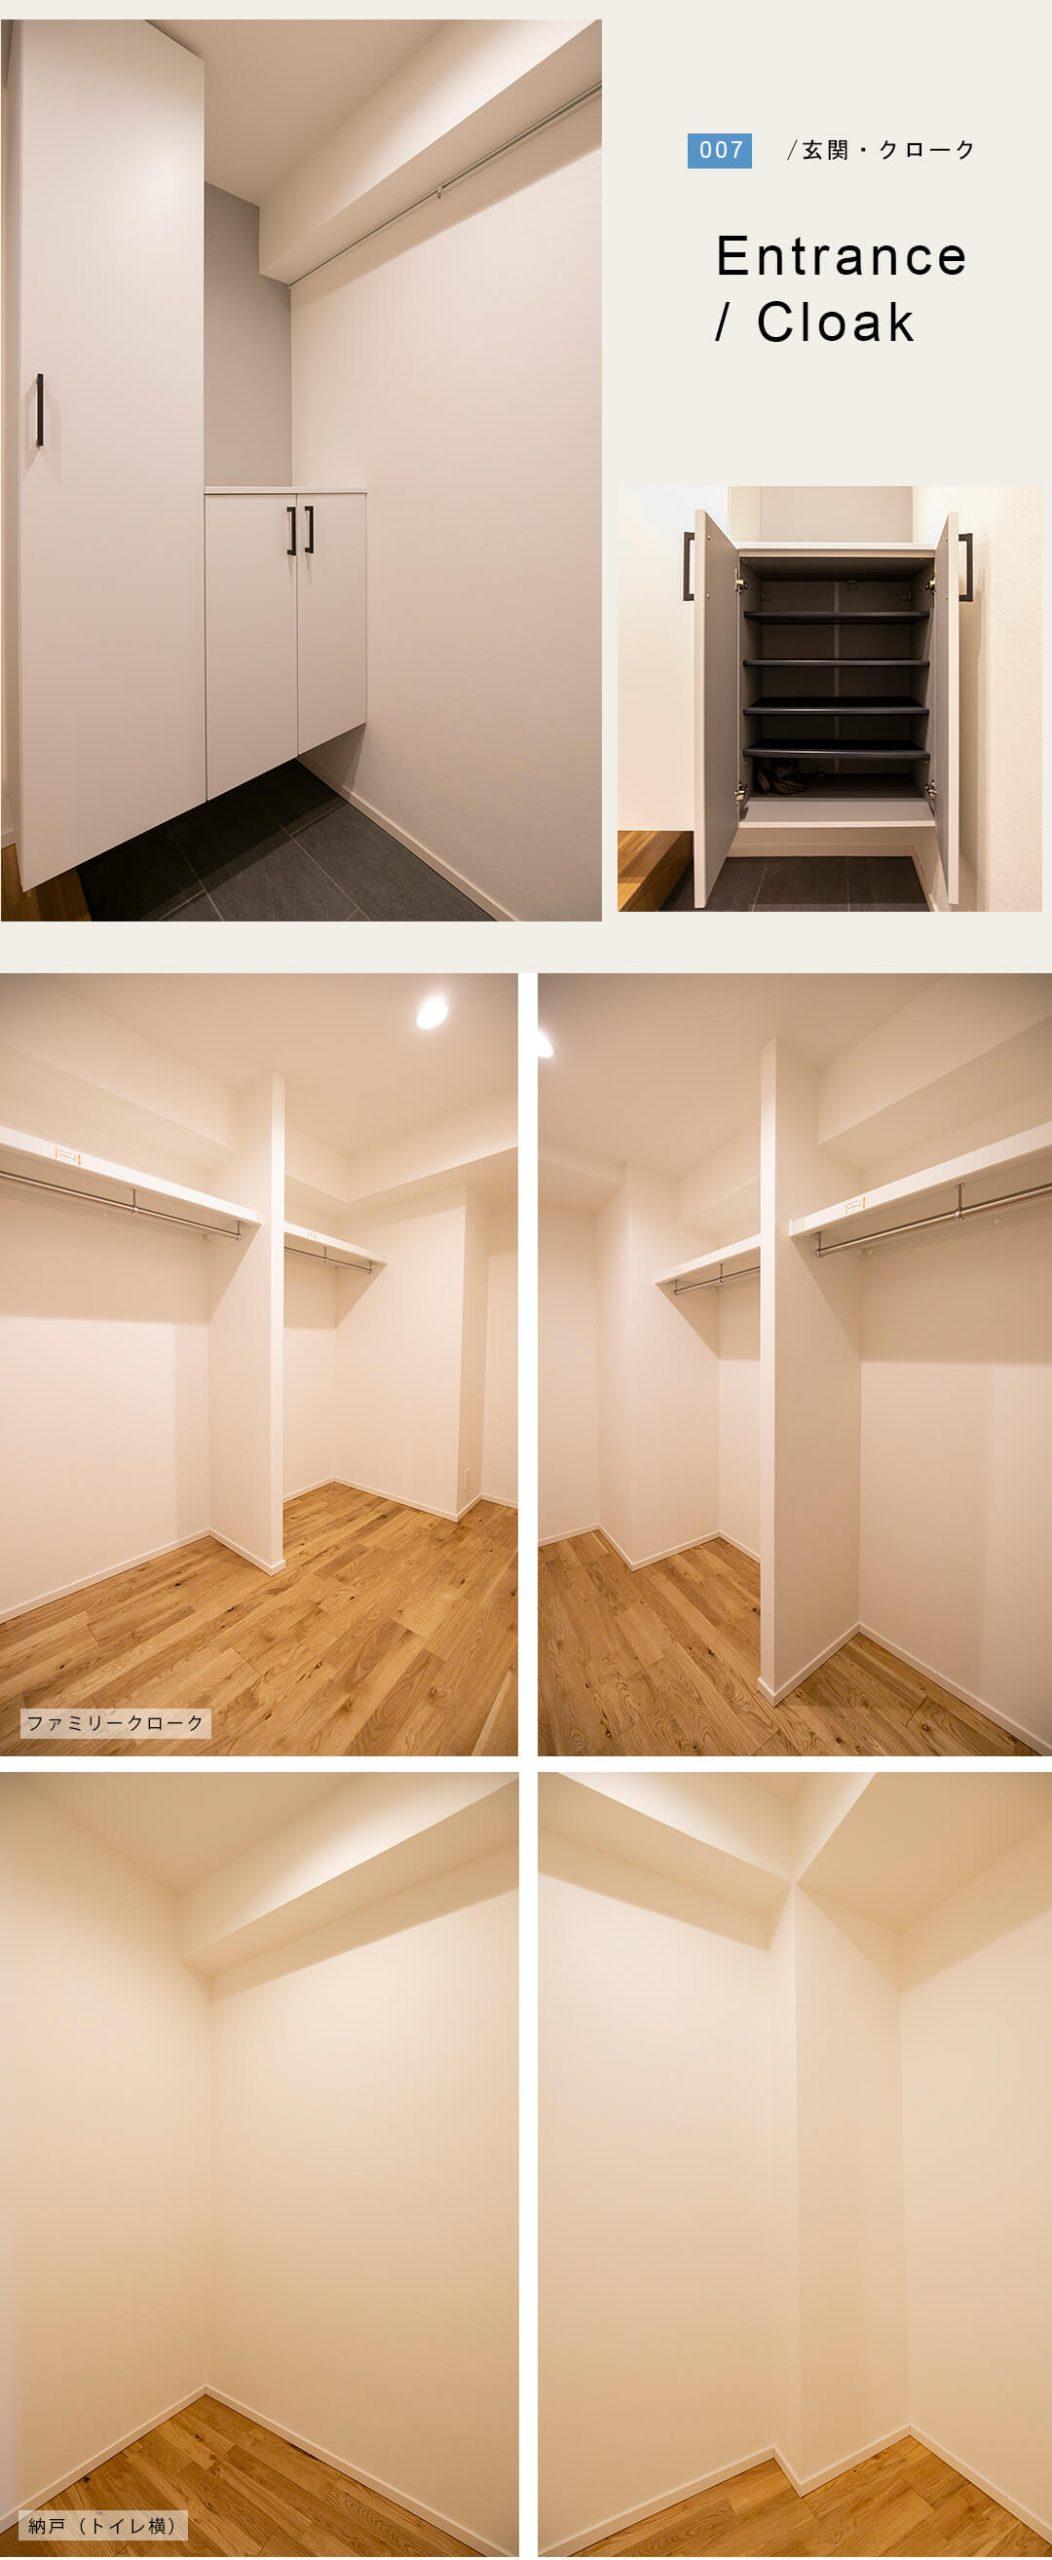 早稲田セントラルハイツの玄関とクローク